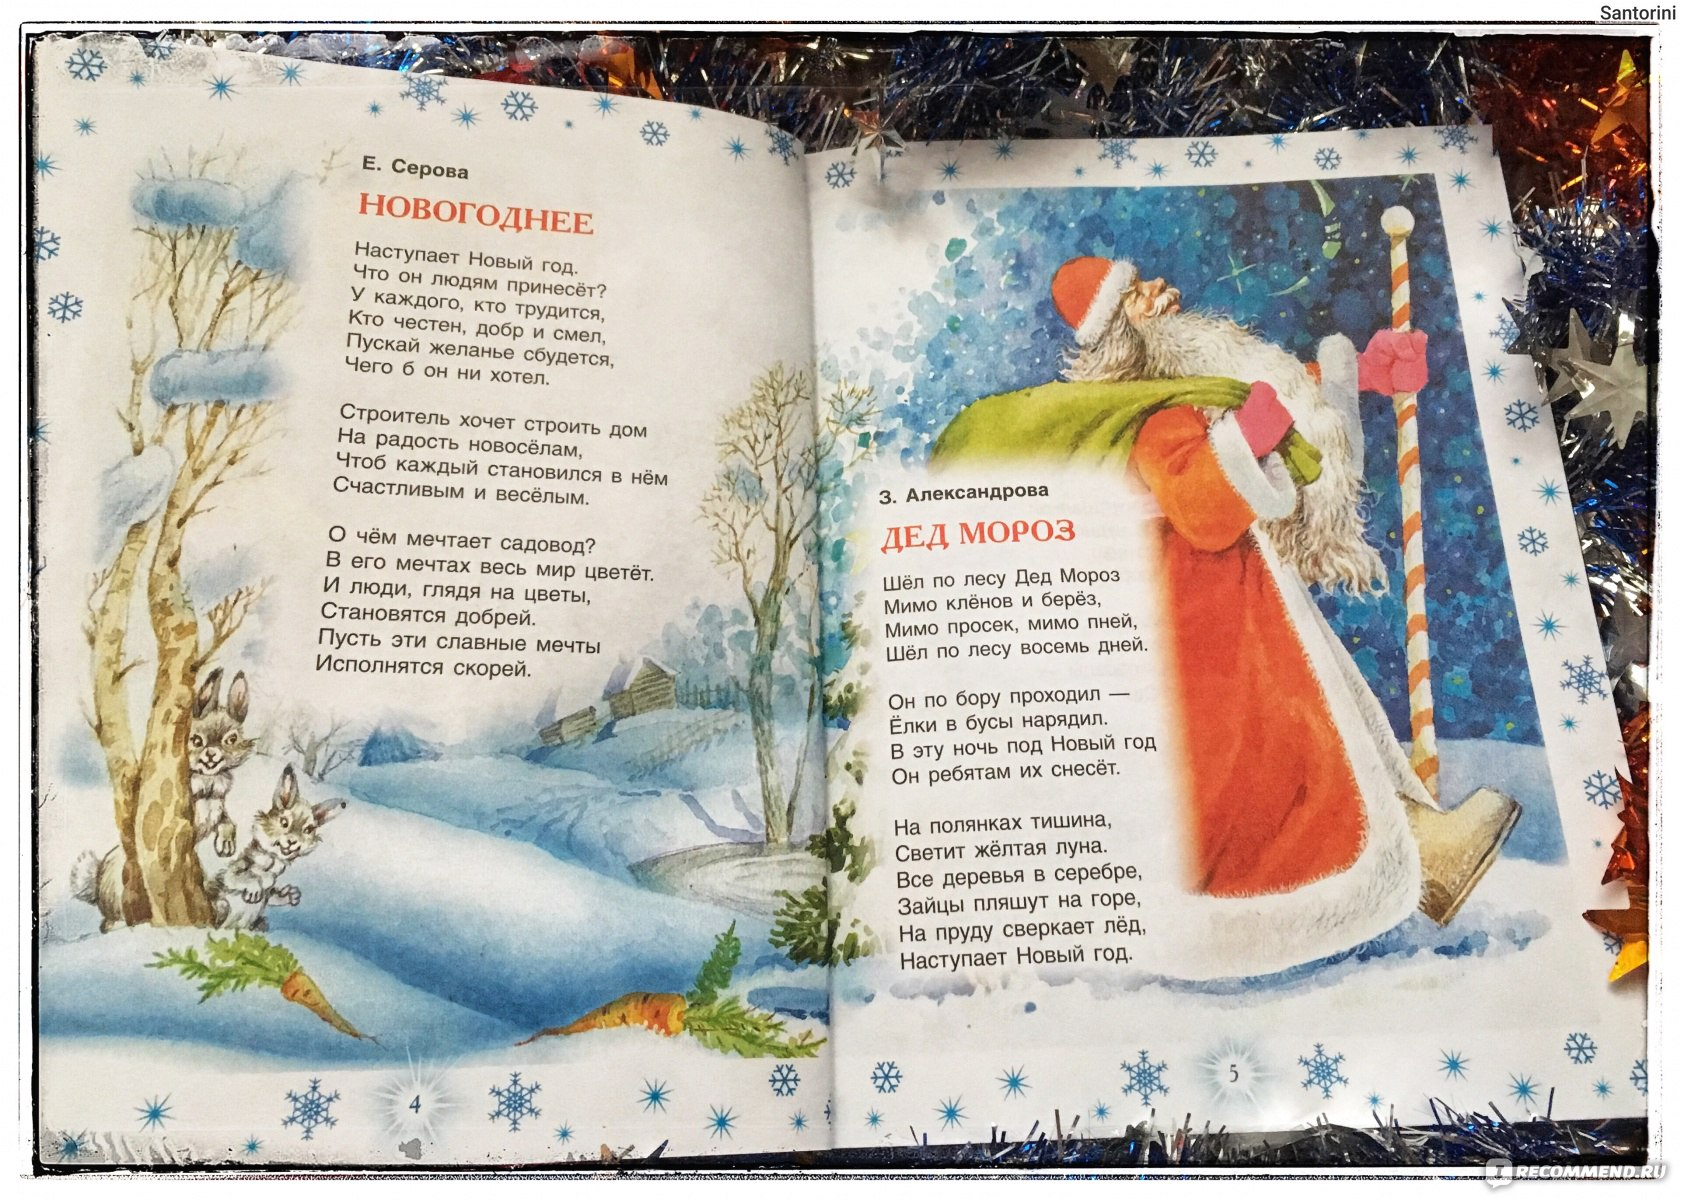 веселые новогодние пожелания поэтов быть правильной казашкой